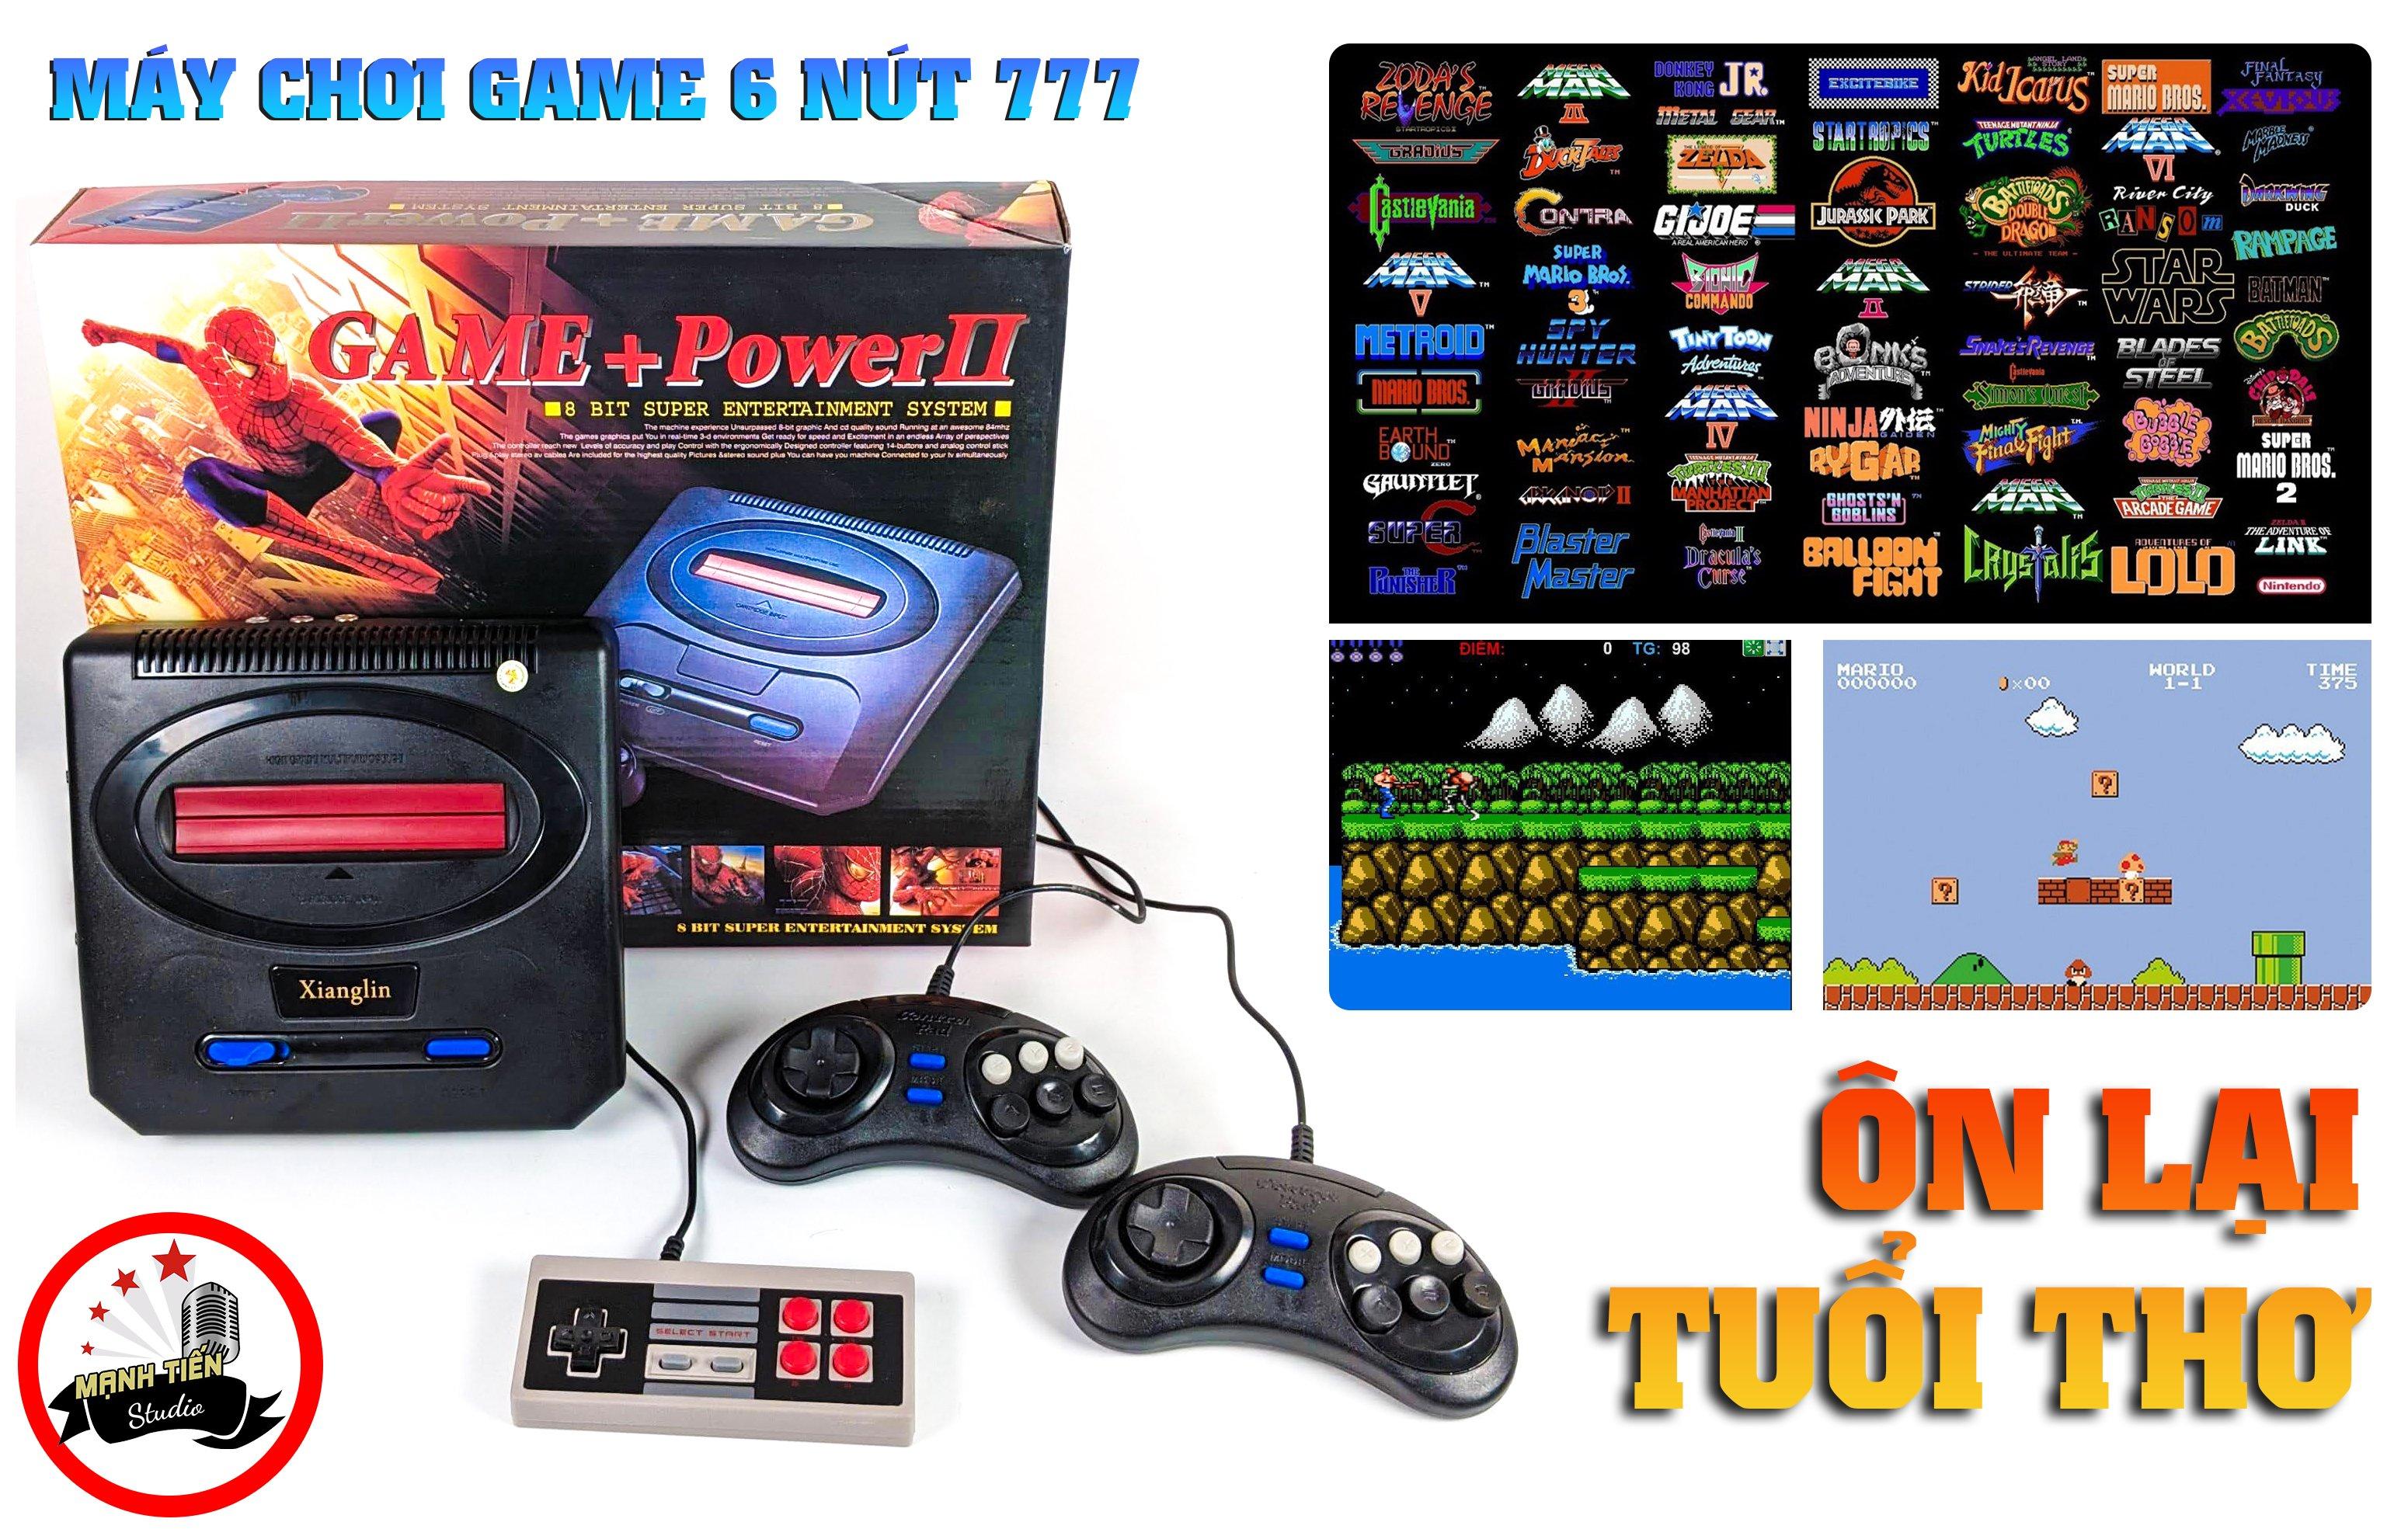 Máy chơi game 6 nút 777 - Máy chơi điện tử 6 nút 200 trò chơi Xiangling 777